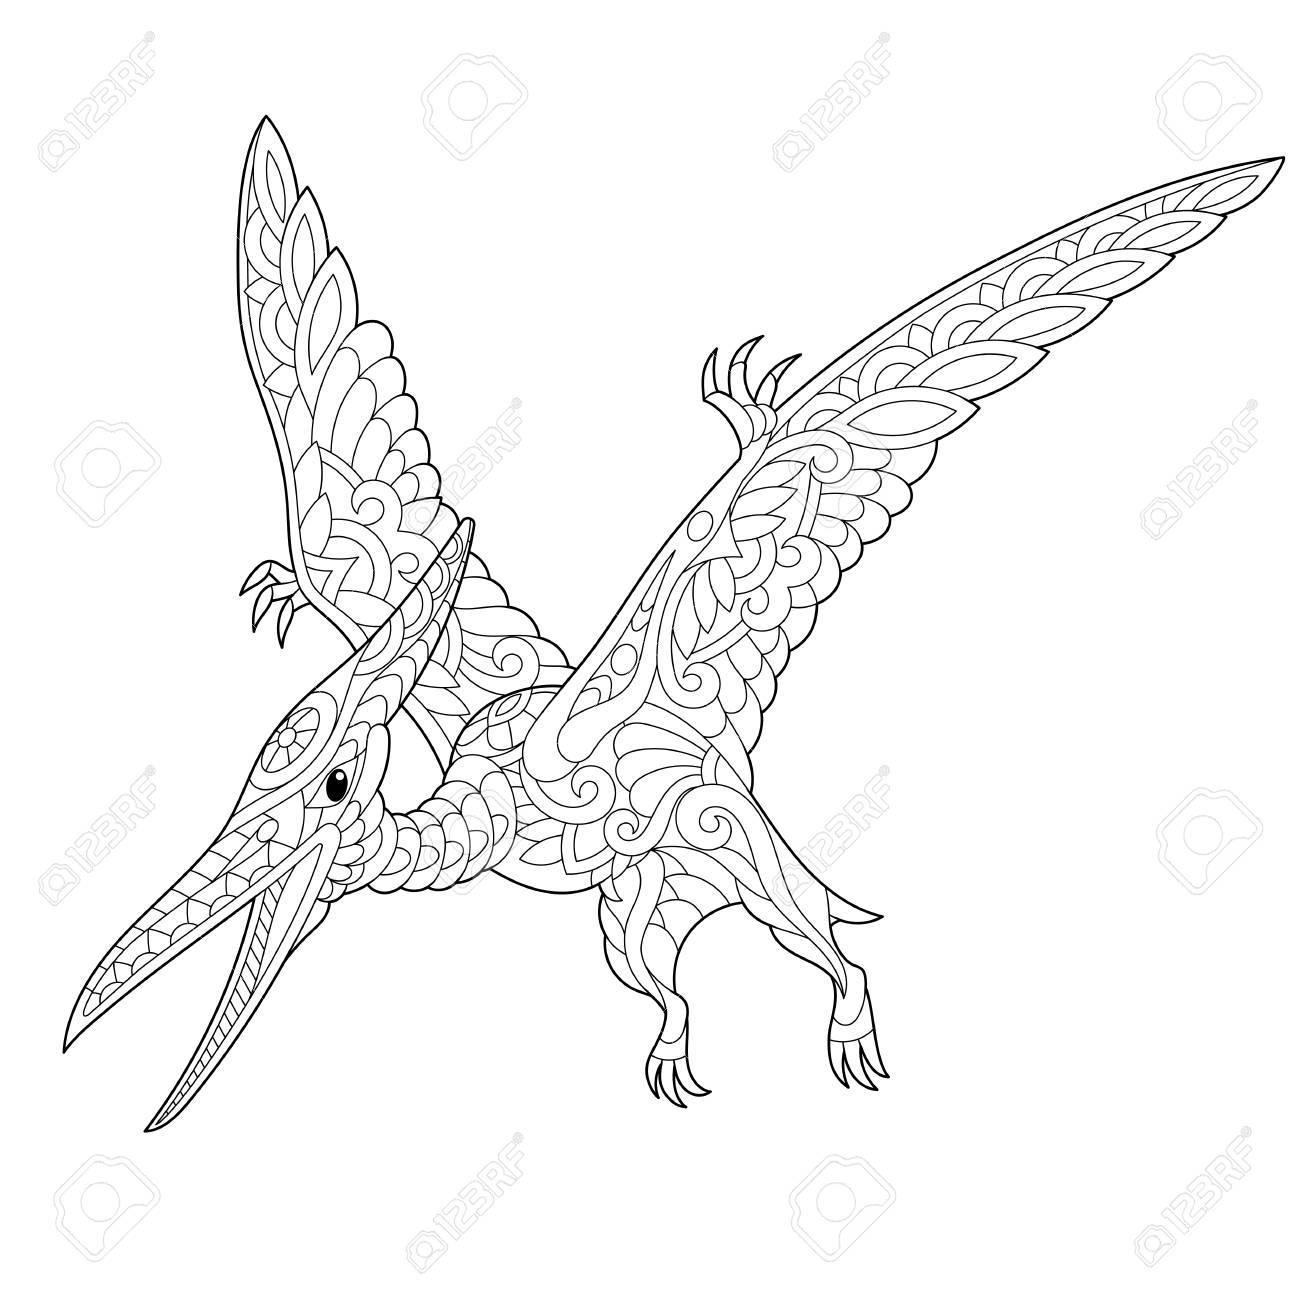 Dinosaurio Pterodáctilo Estilizado, Pterosaurio Del Período Jurásico ...